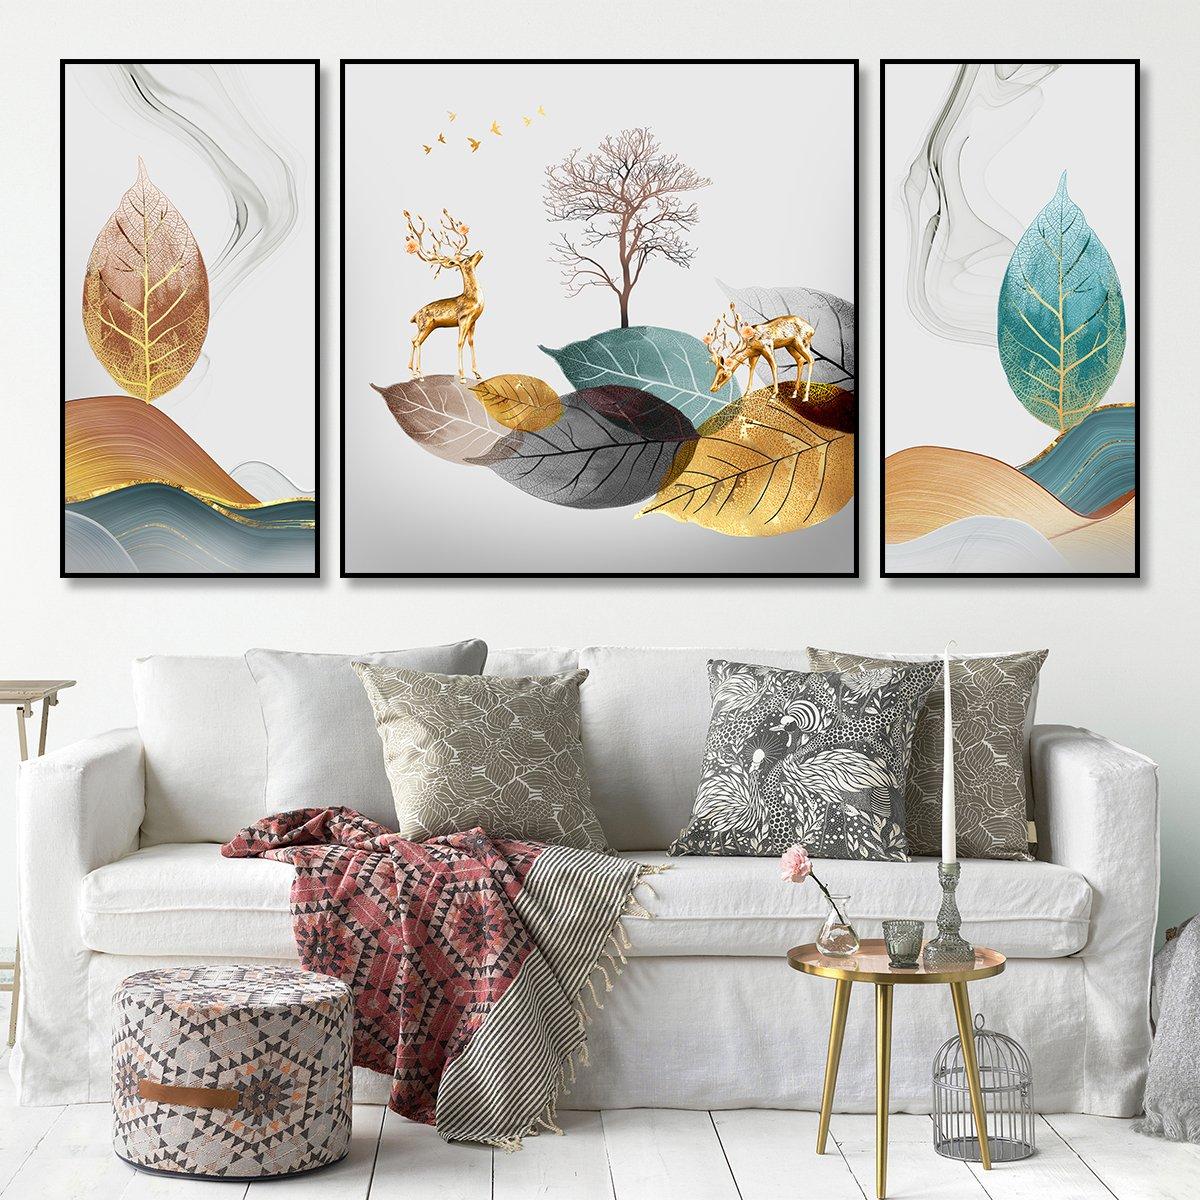 Tranh treo tường nai vàng và lá cây nghệ thuật